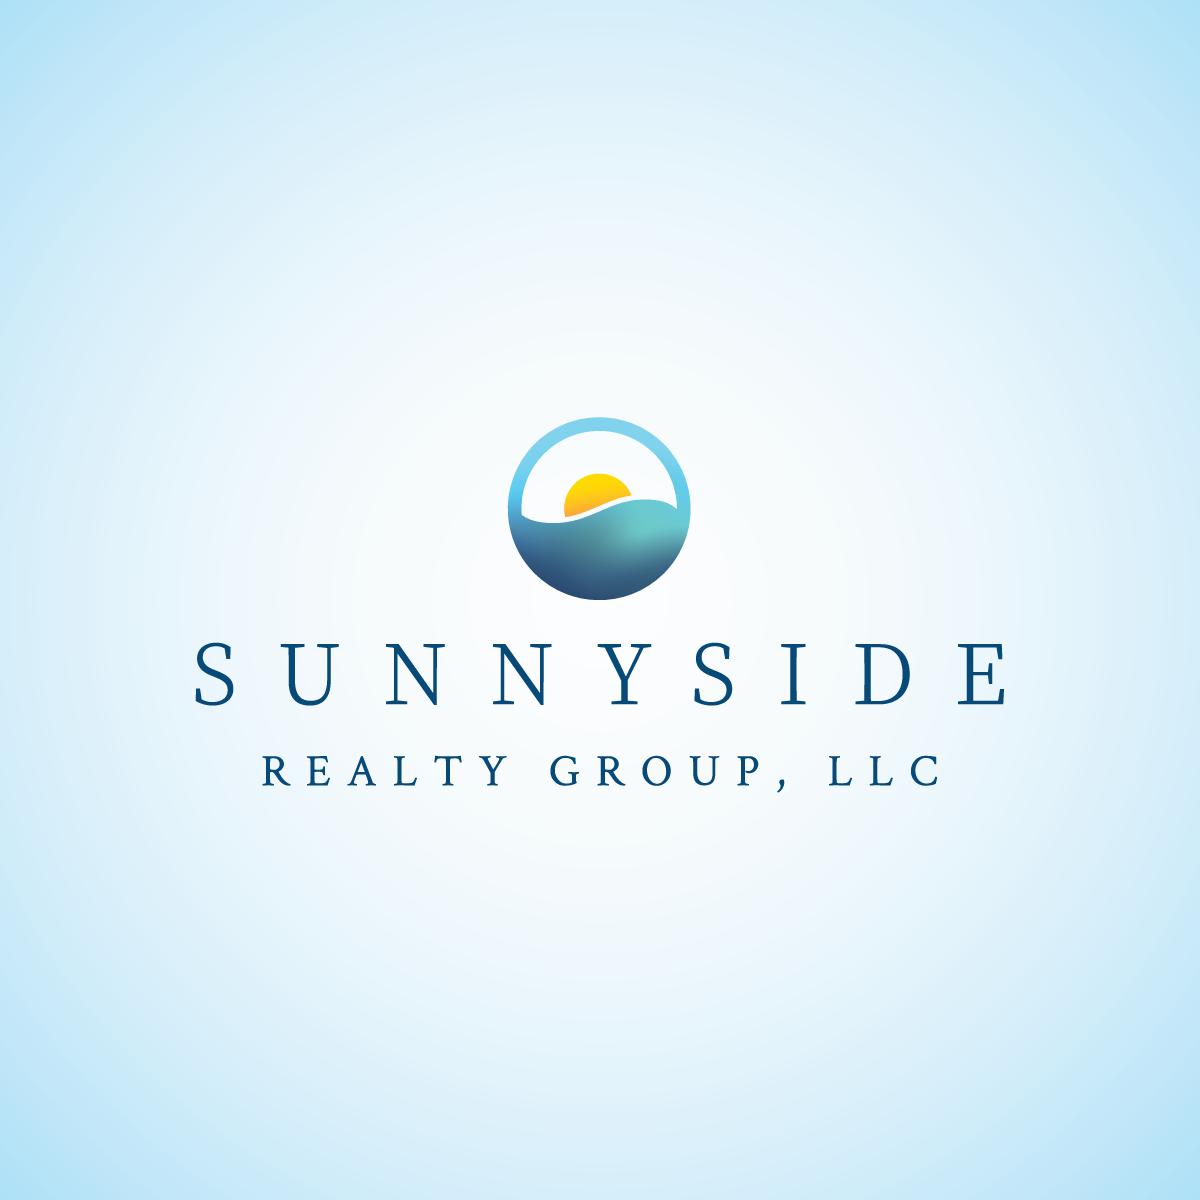 Sunnyside Realty Group logo in full color.